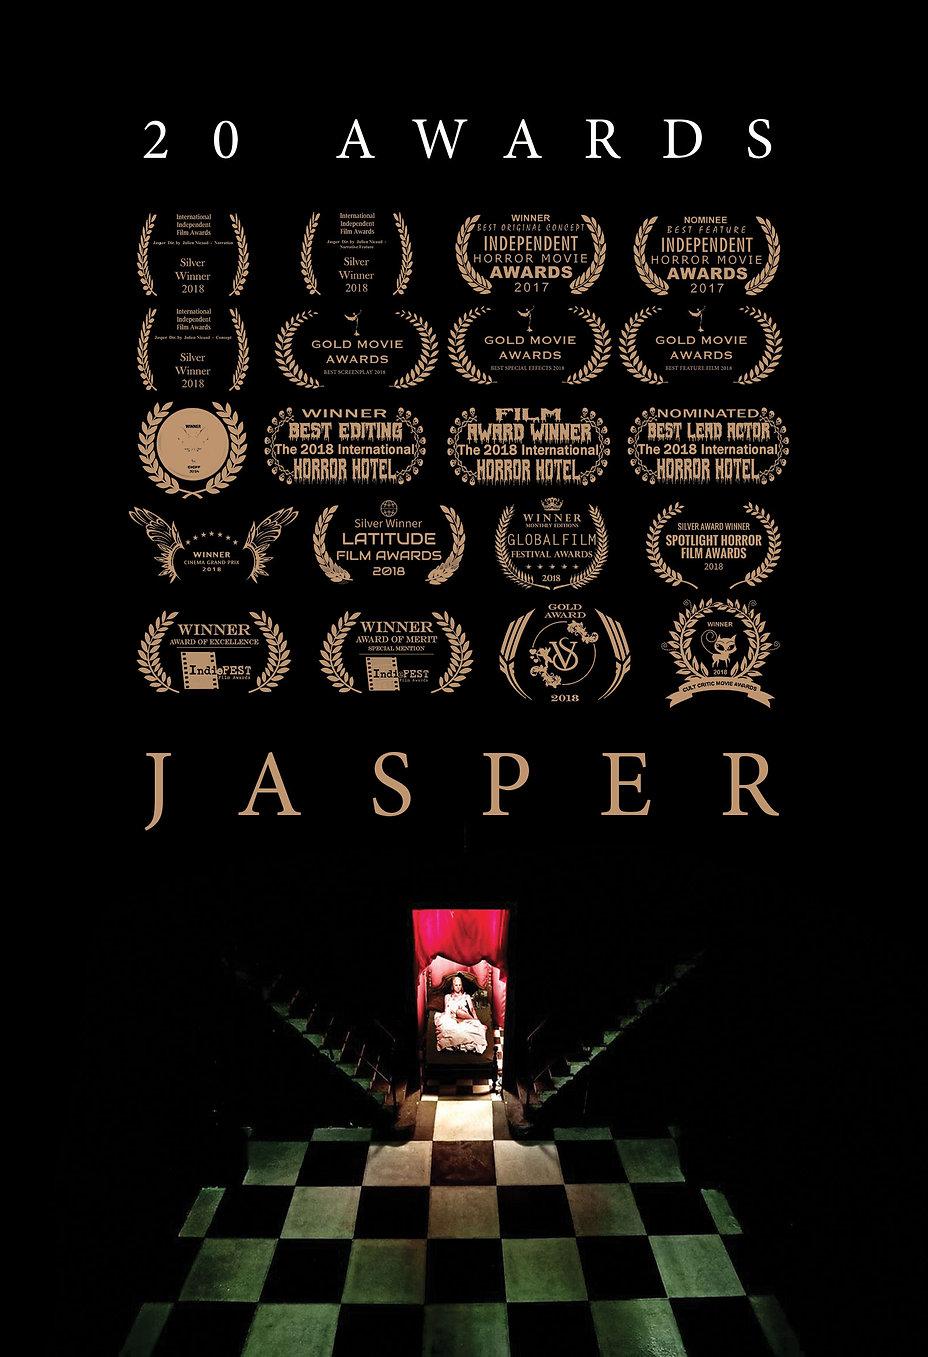 Jasper-poster-20-awards.jpg